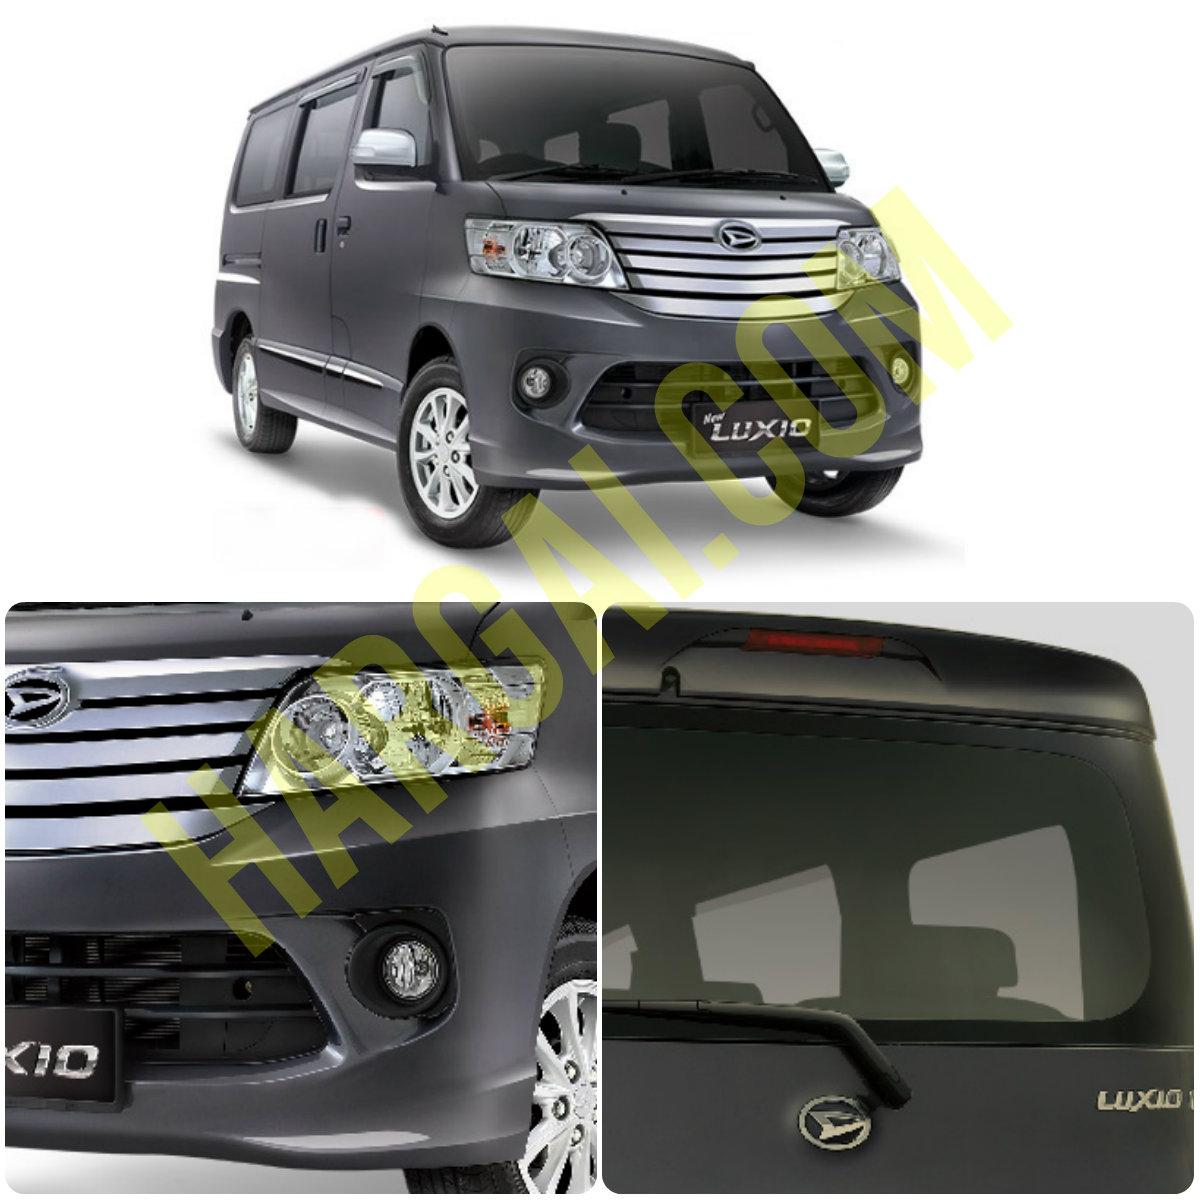 Harga Dan Spesifikasi Daihatsu Luxio Terbaru SEPTEMBER OKTOBER 2016